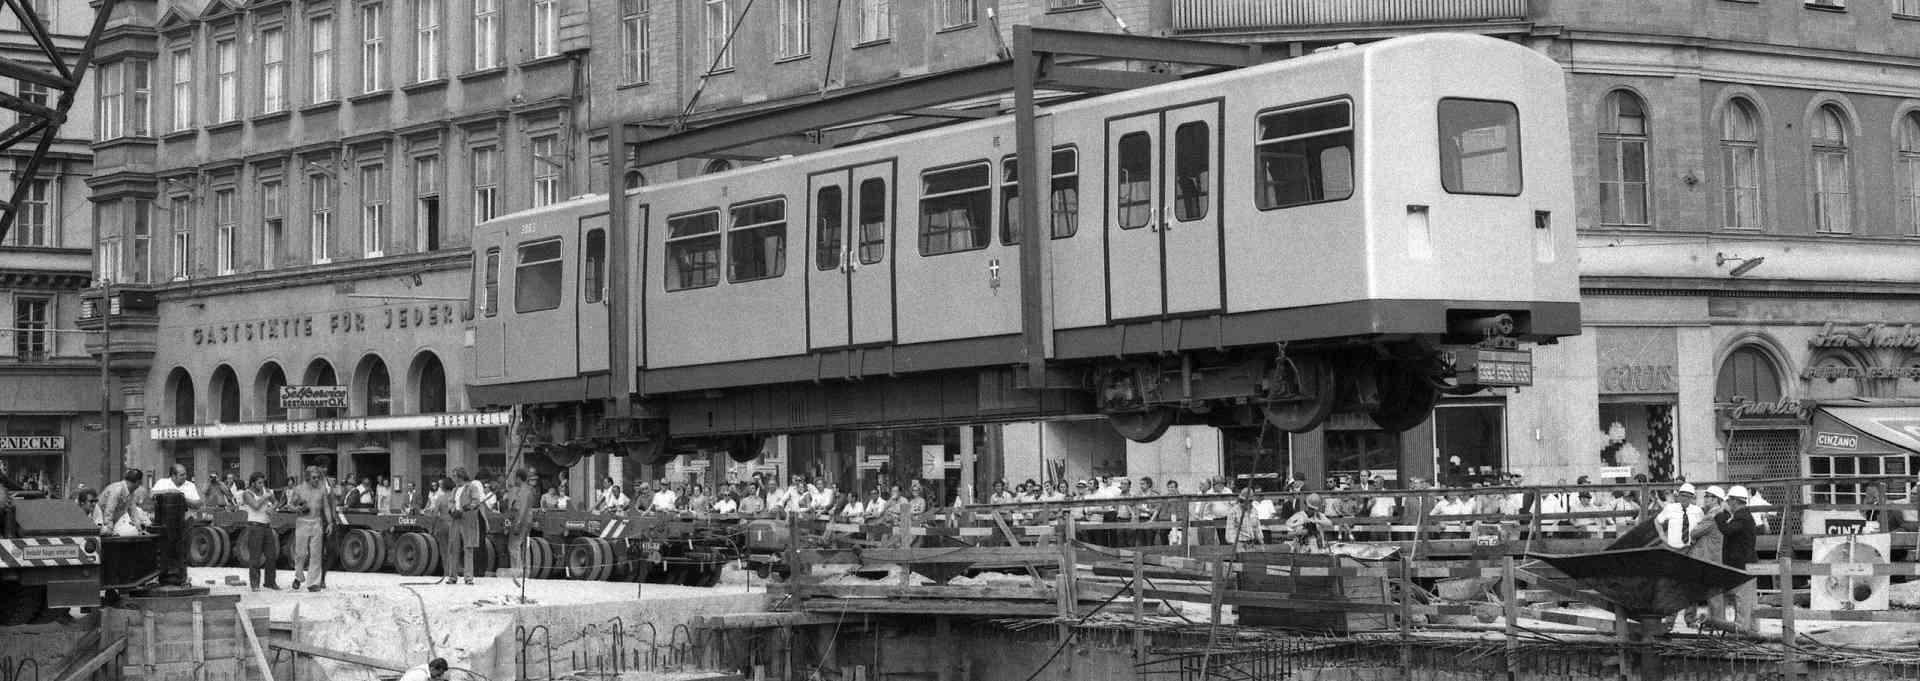 50 Jahre Spatenstich U-Bahn Wien: U-Bahn-Baustelle historisch 1973